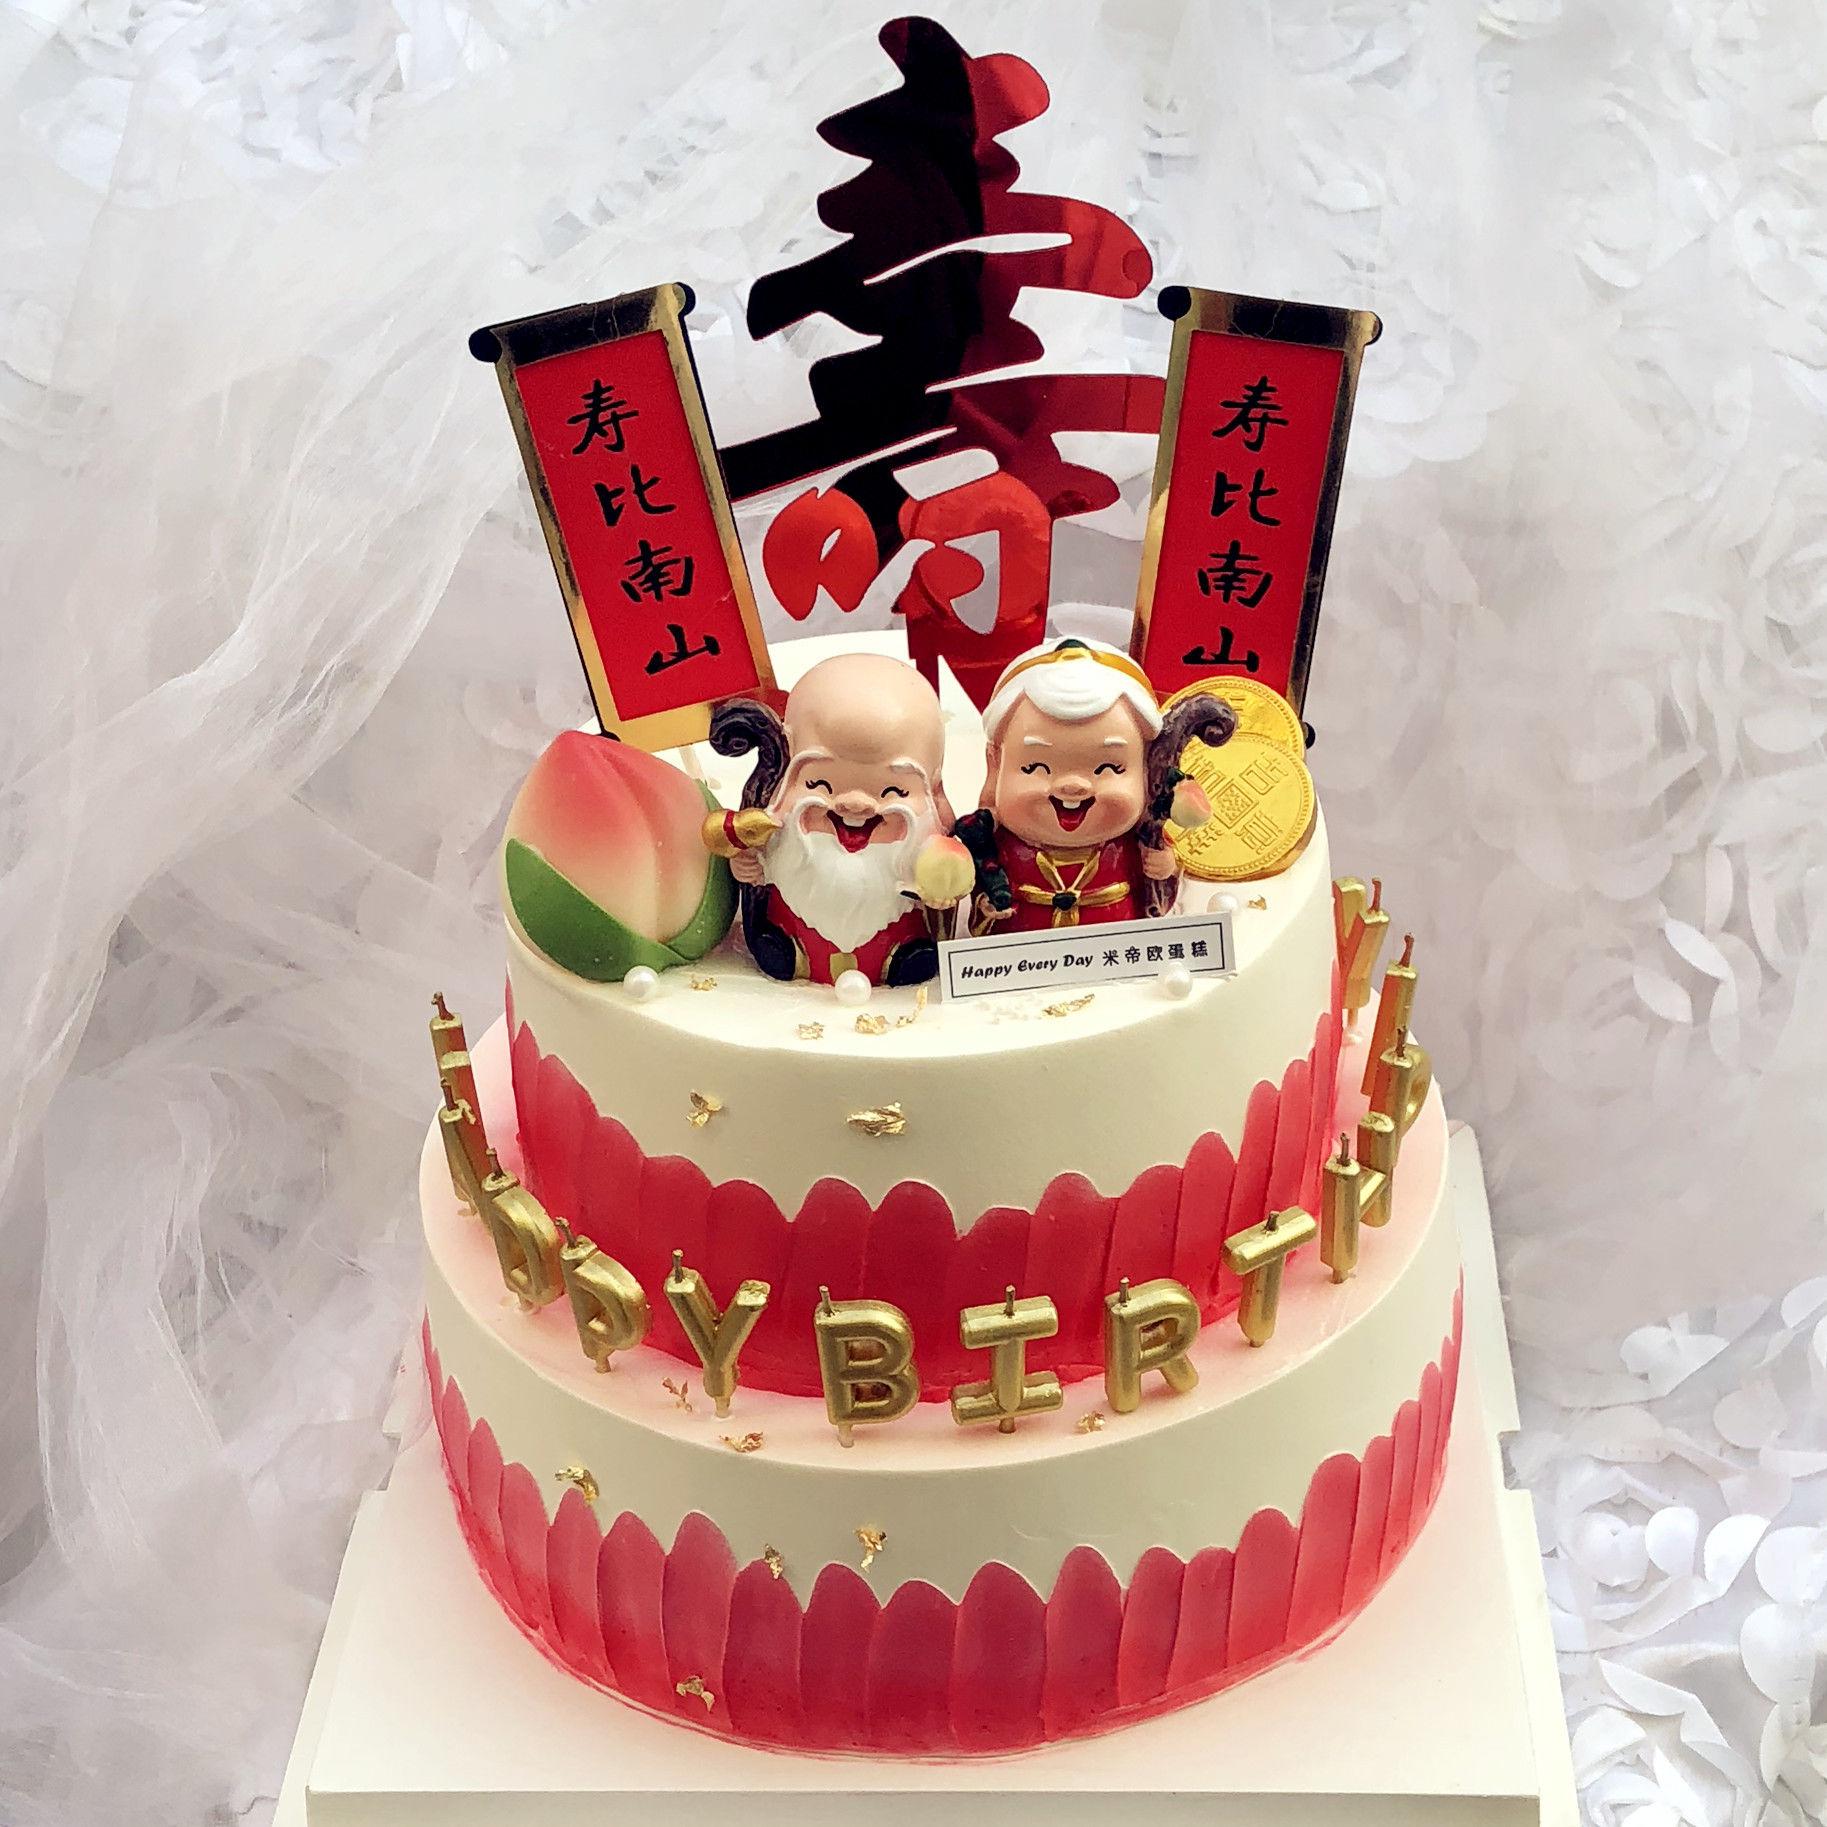 北京市同城配送生日蛋糕速递水果卡通可以做无糖祝寿爷爷奶奶双层